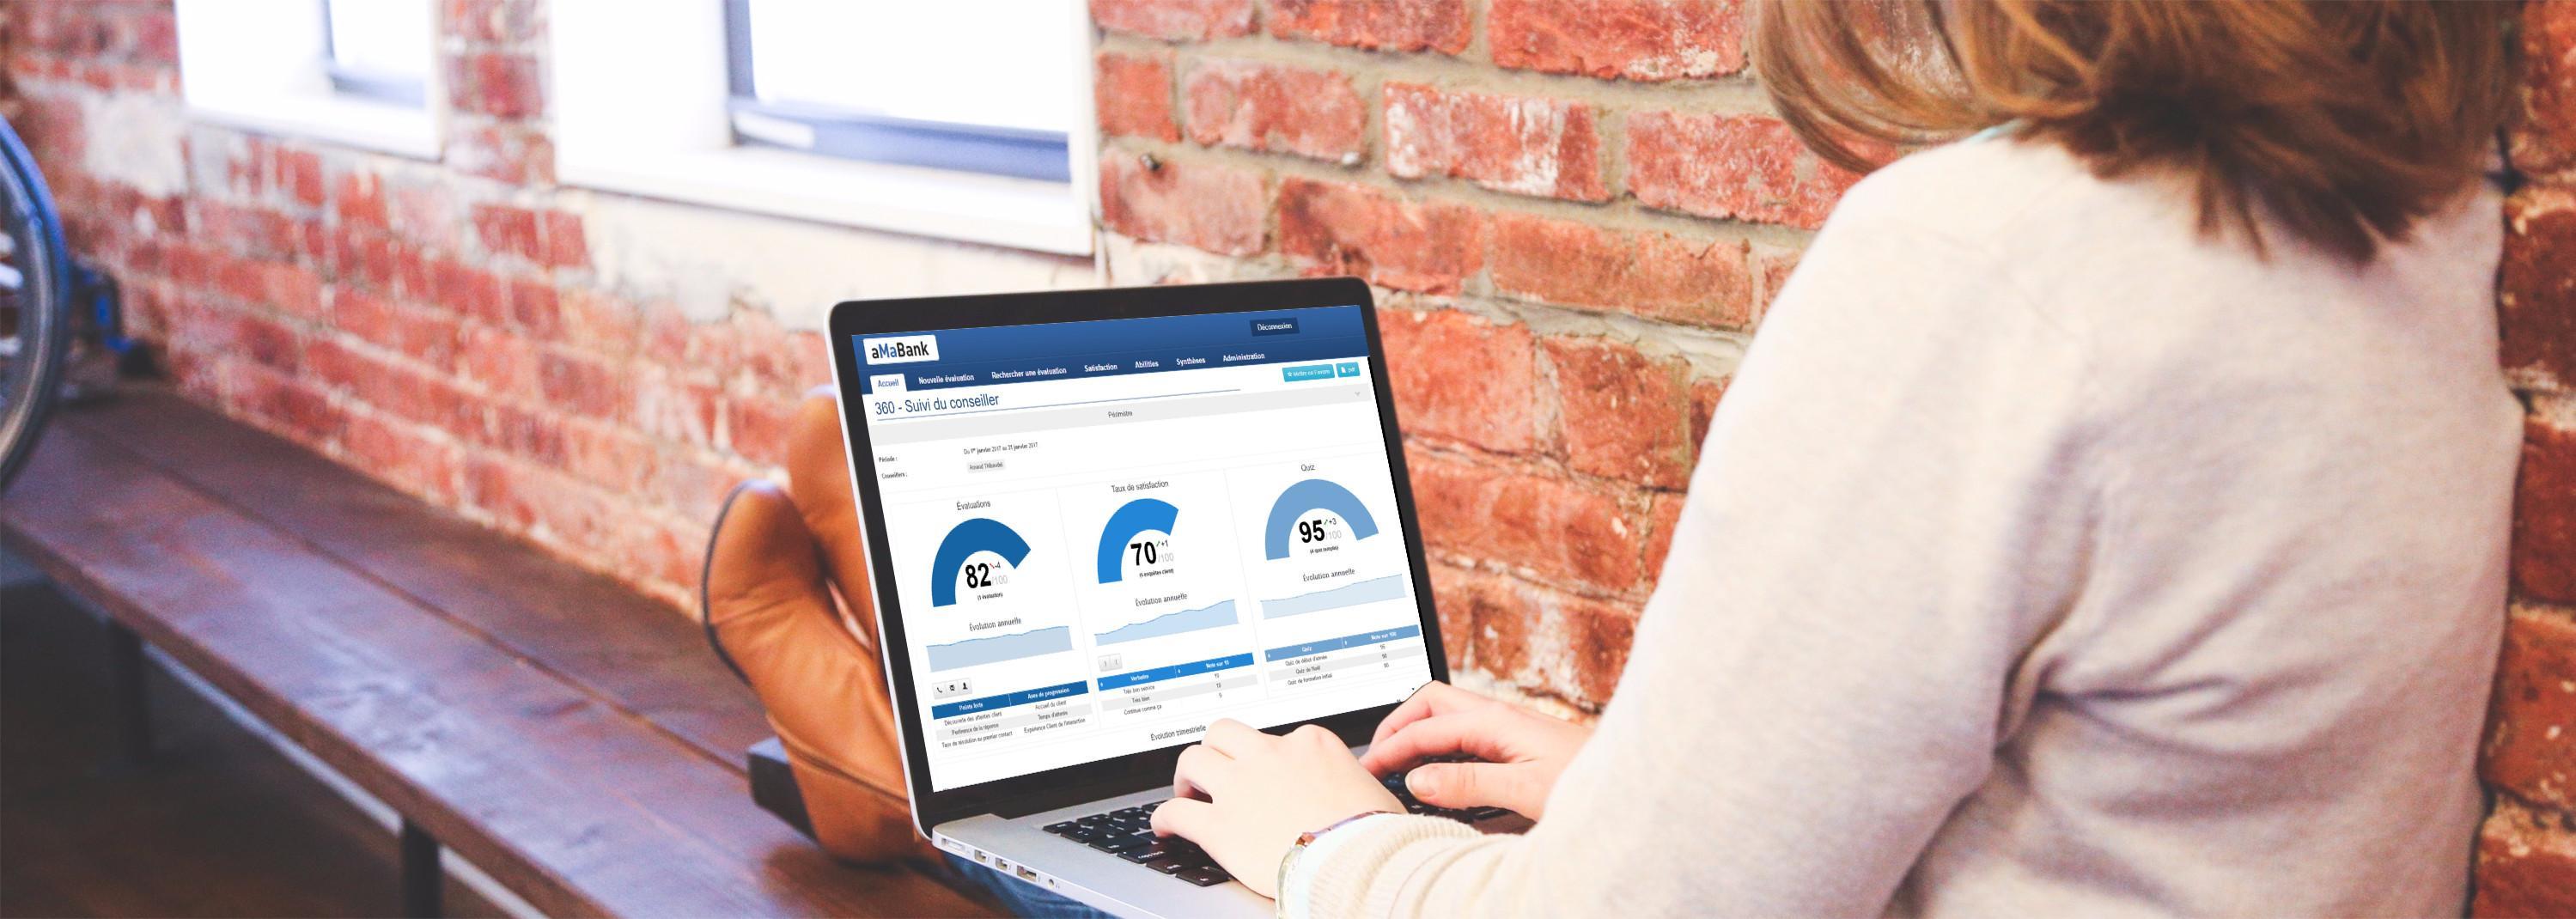 Opiniones Hubicus Groupe BVA: Gestión de la calidad de la experiencia de sus clientes - appvizer